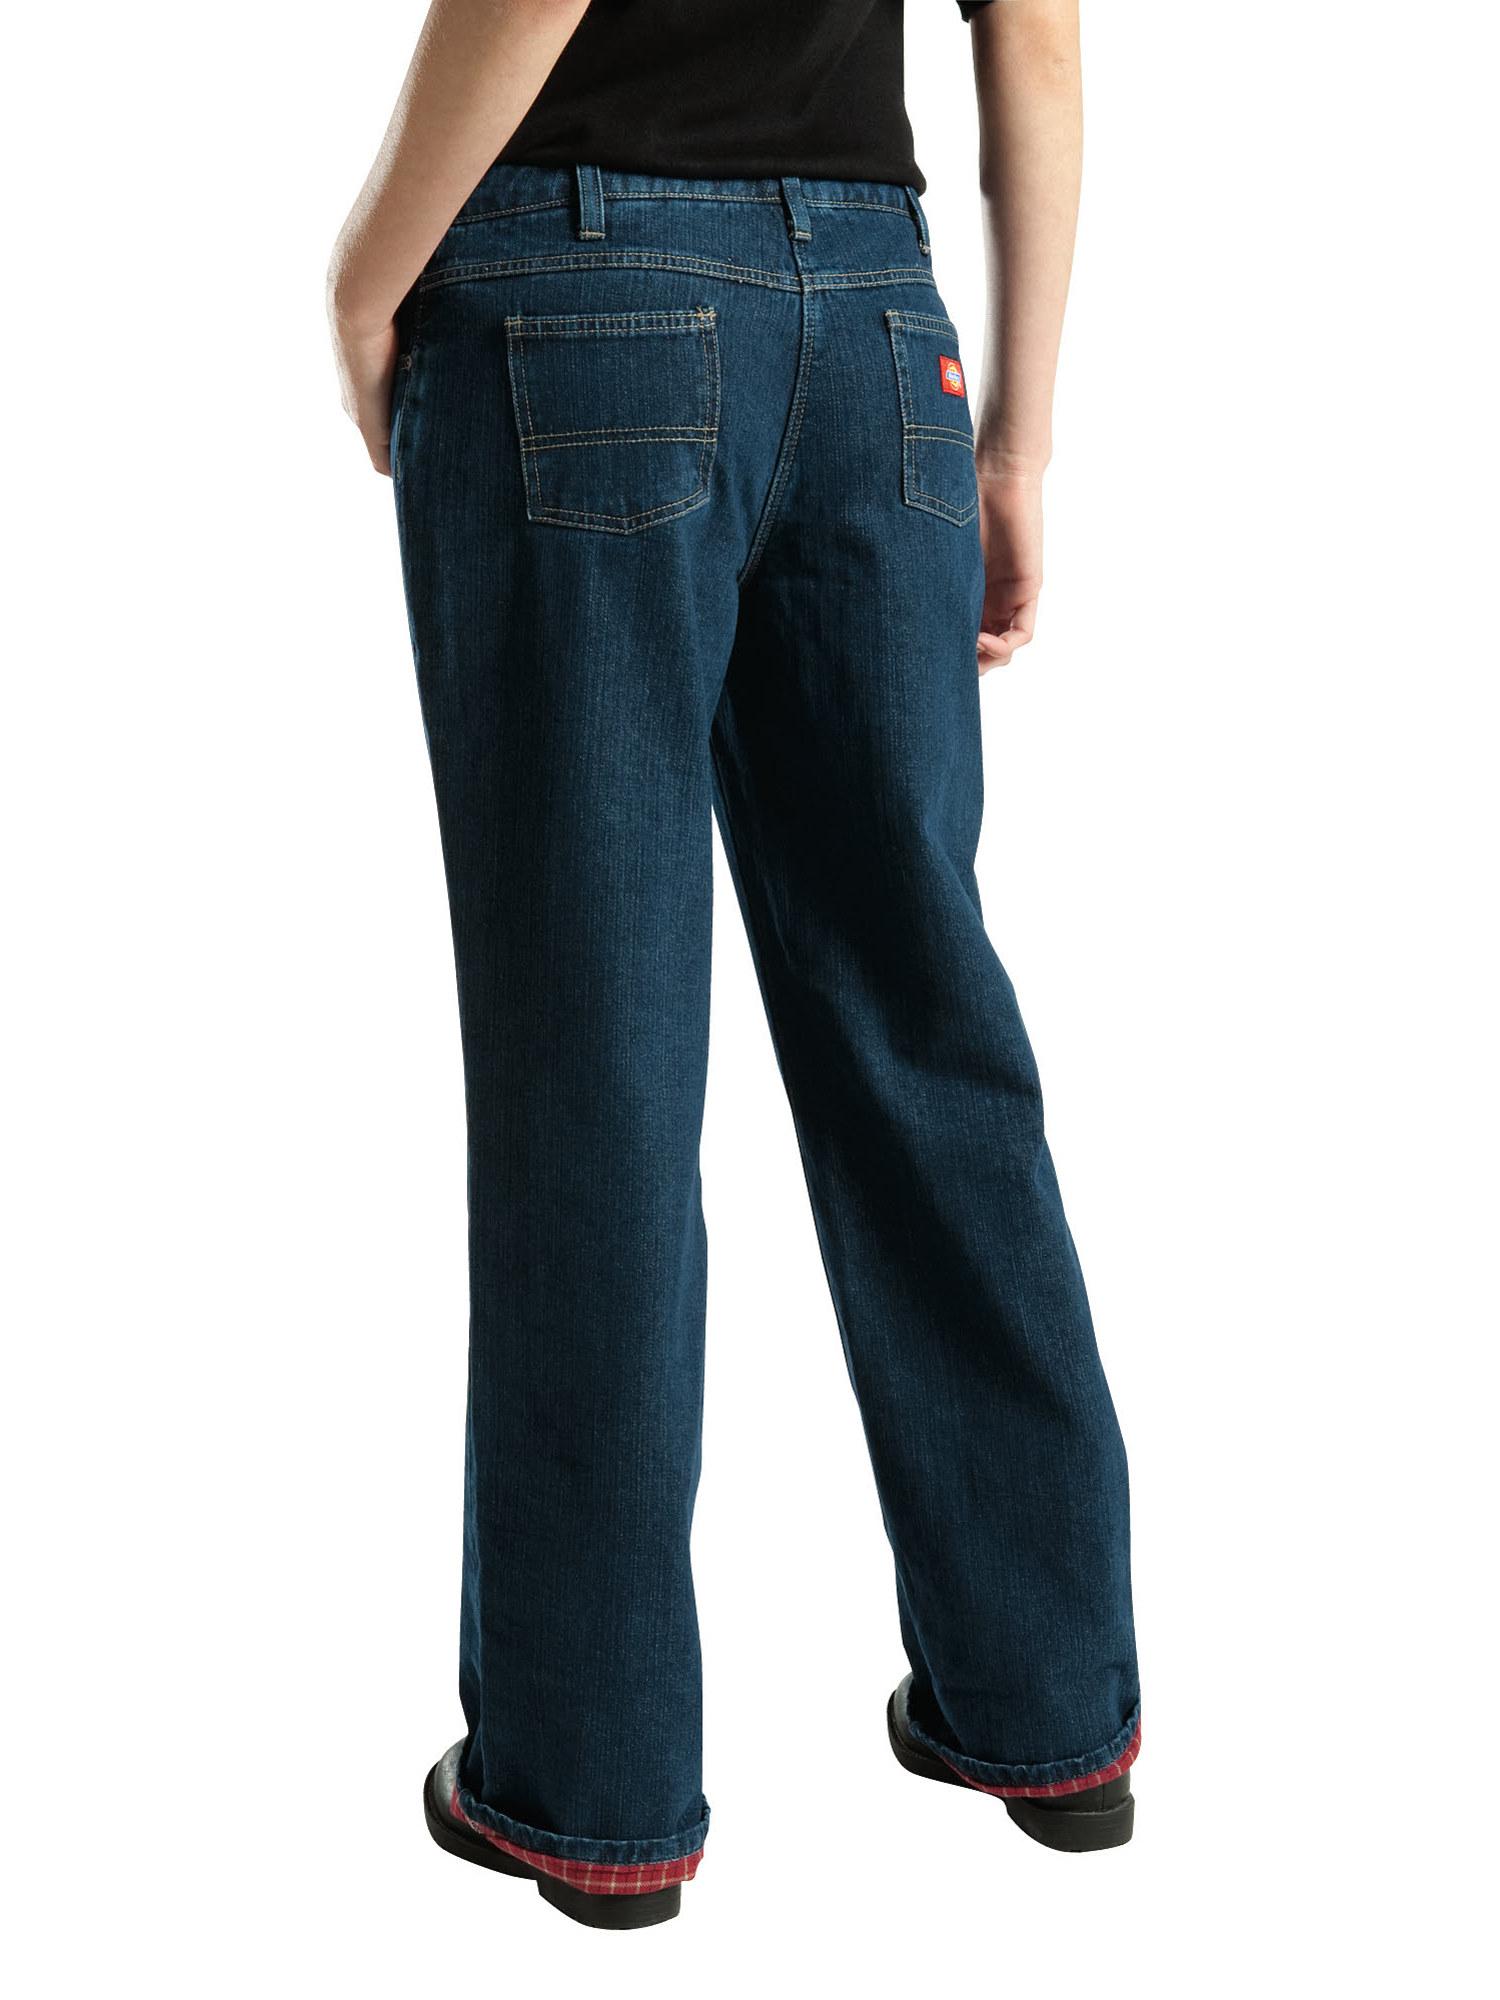 Women's Flannel Lined Jean